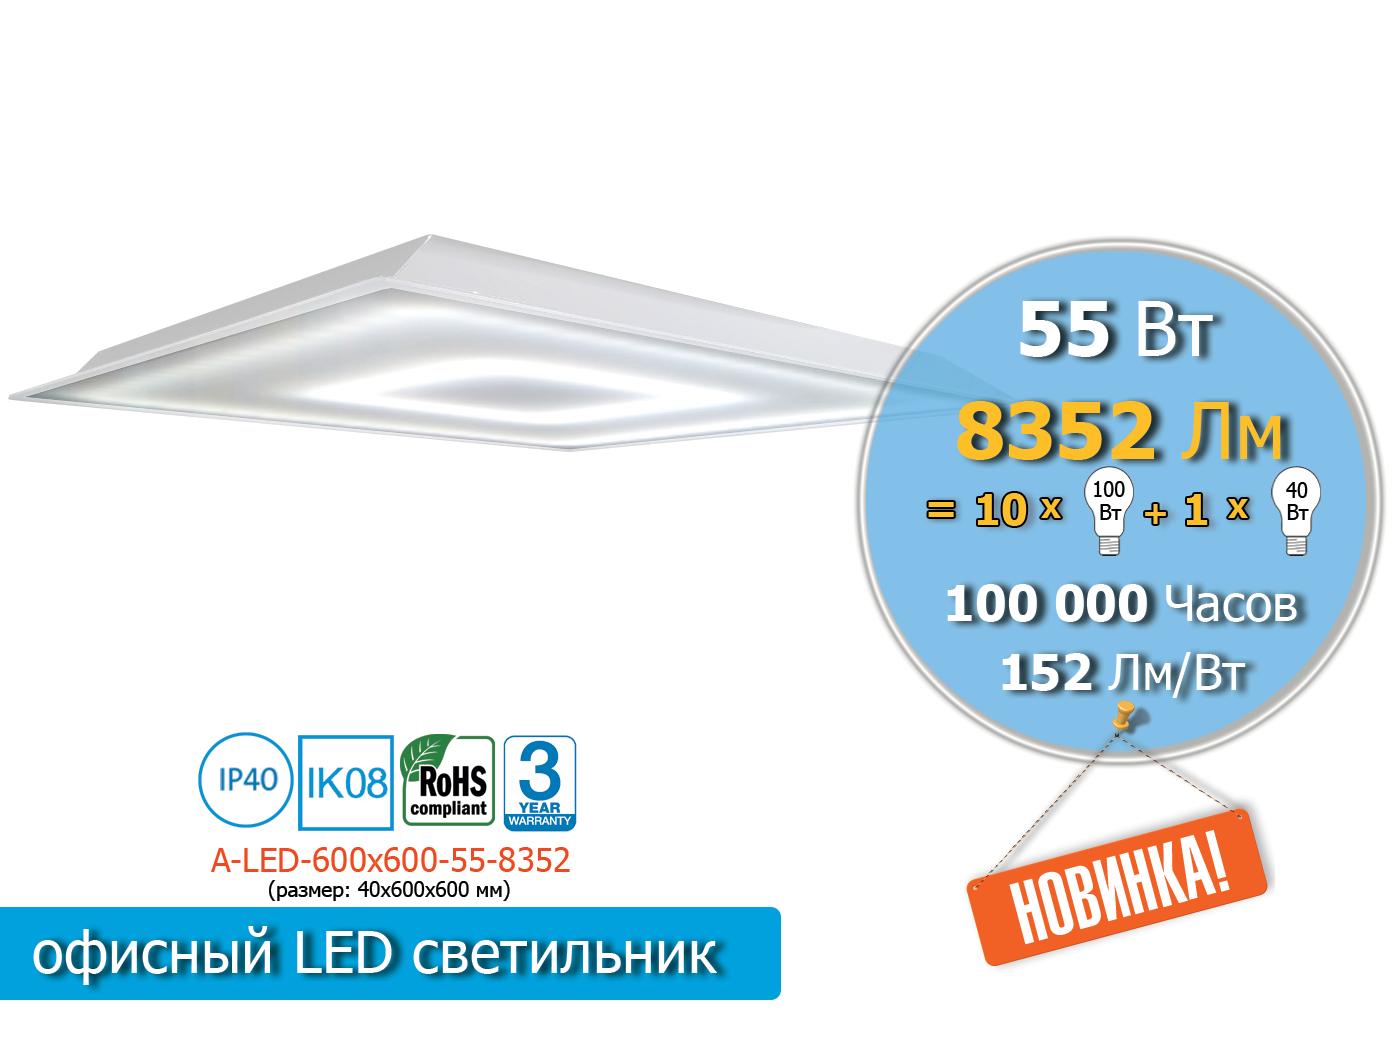 Офисный стальной LED светильник 28 Вт